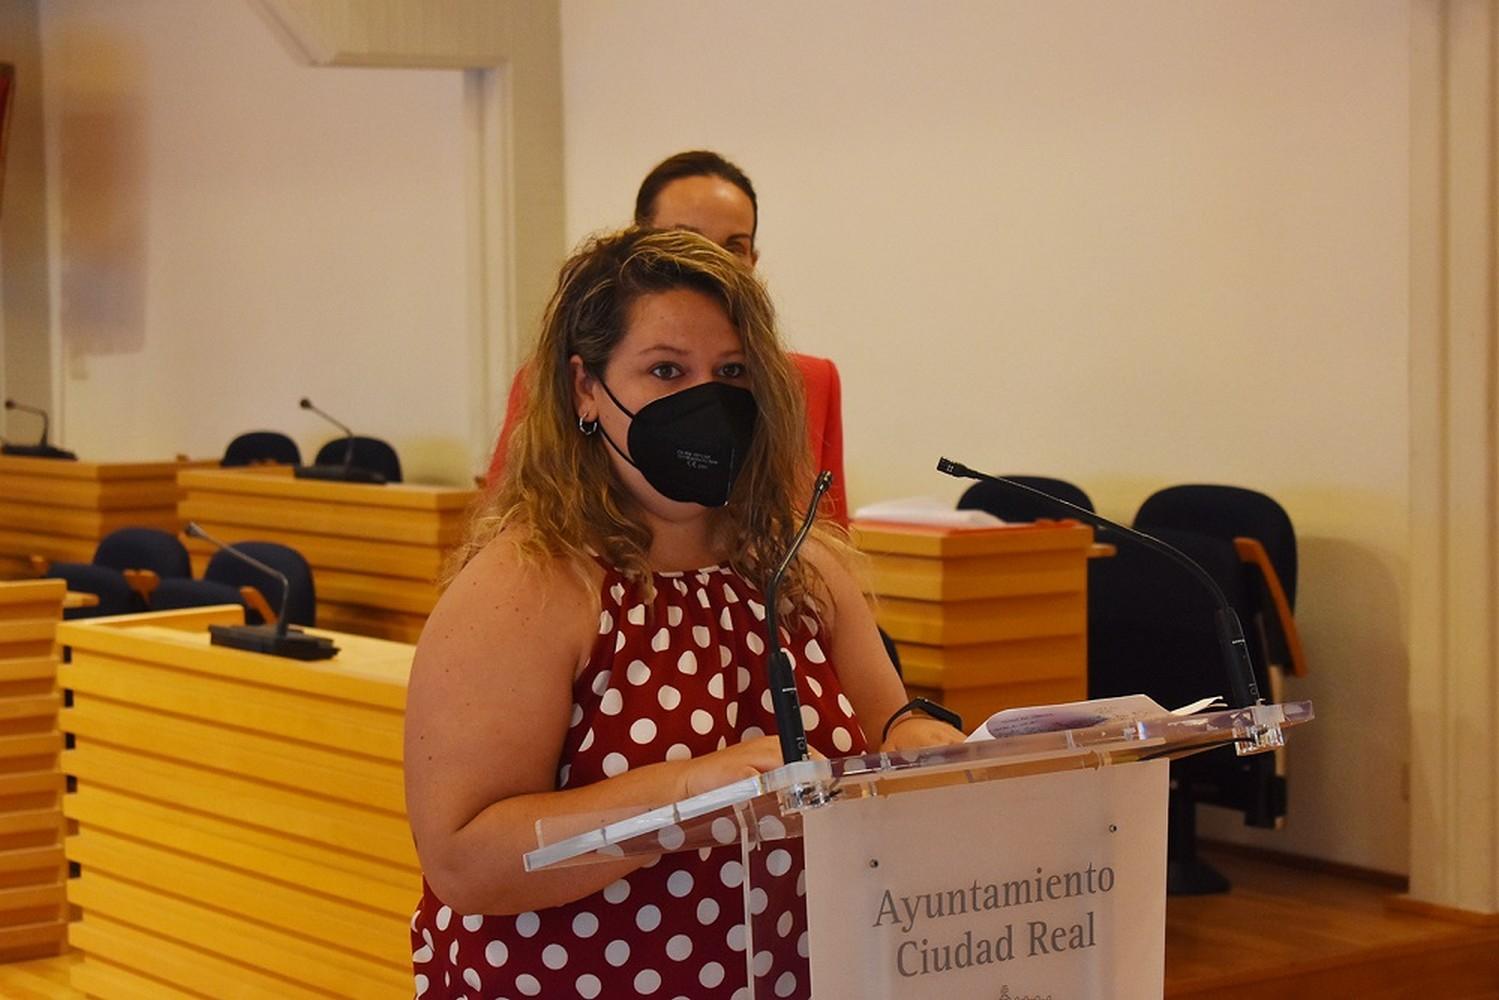 Asociación cultural Amigos de Javier Segovia